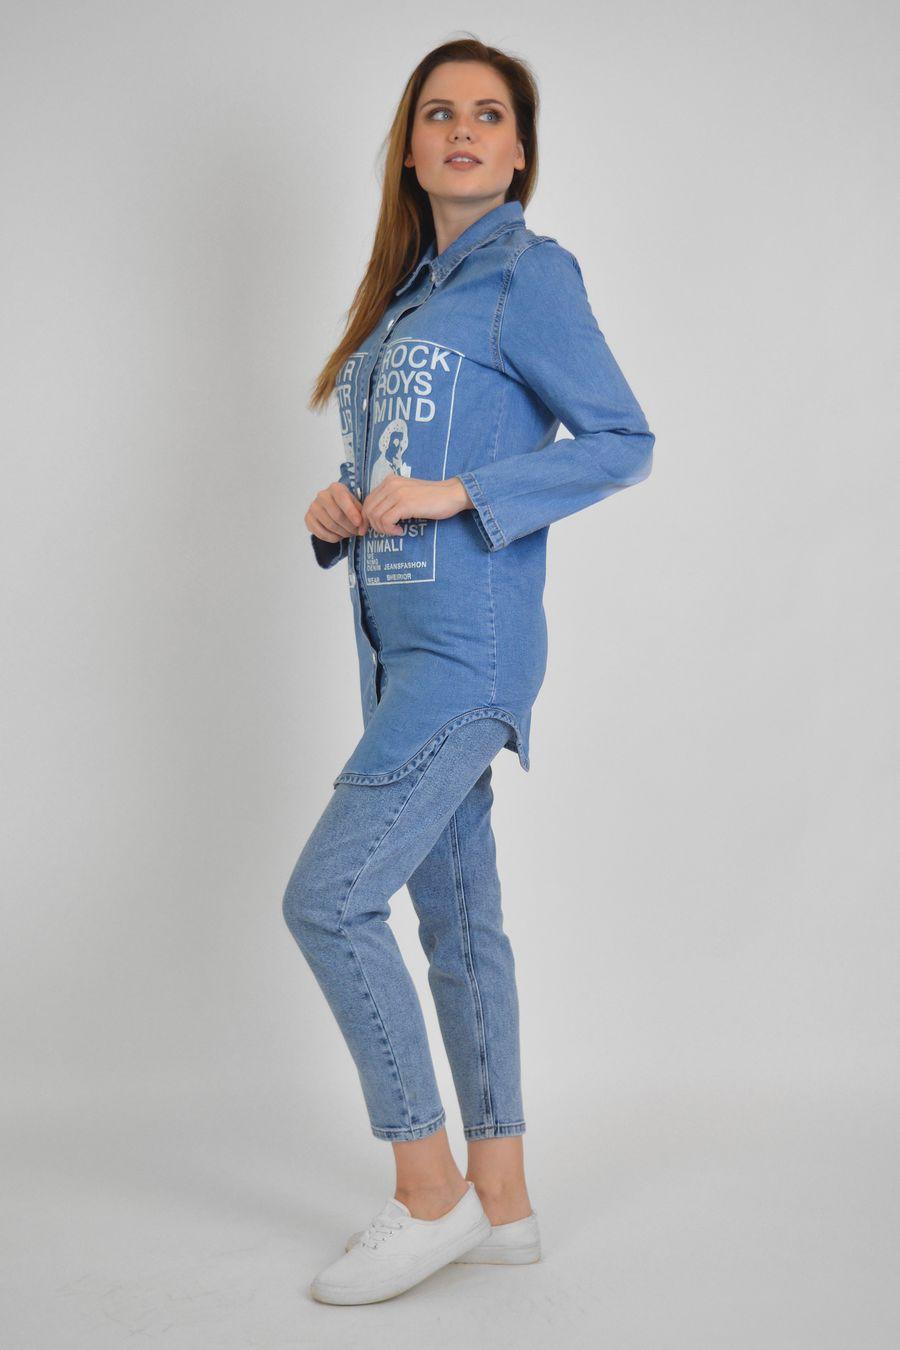 Рубашка женская Baccino 637 джинсовая - фото 4